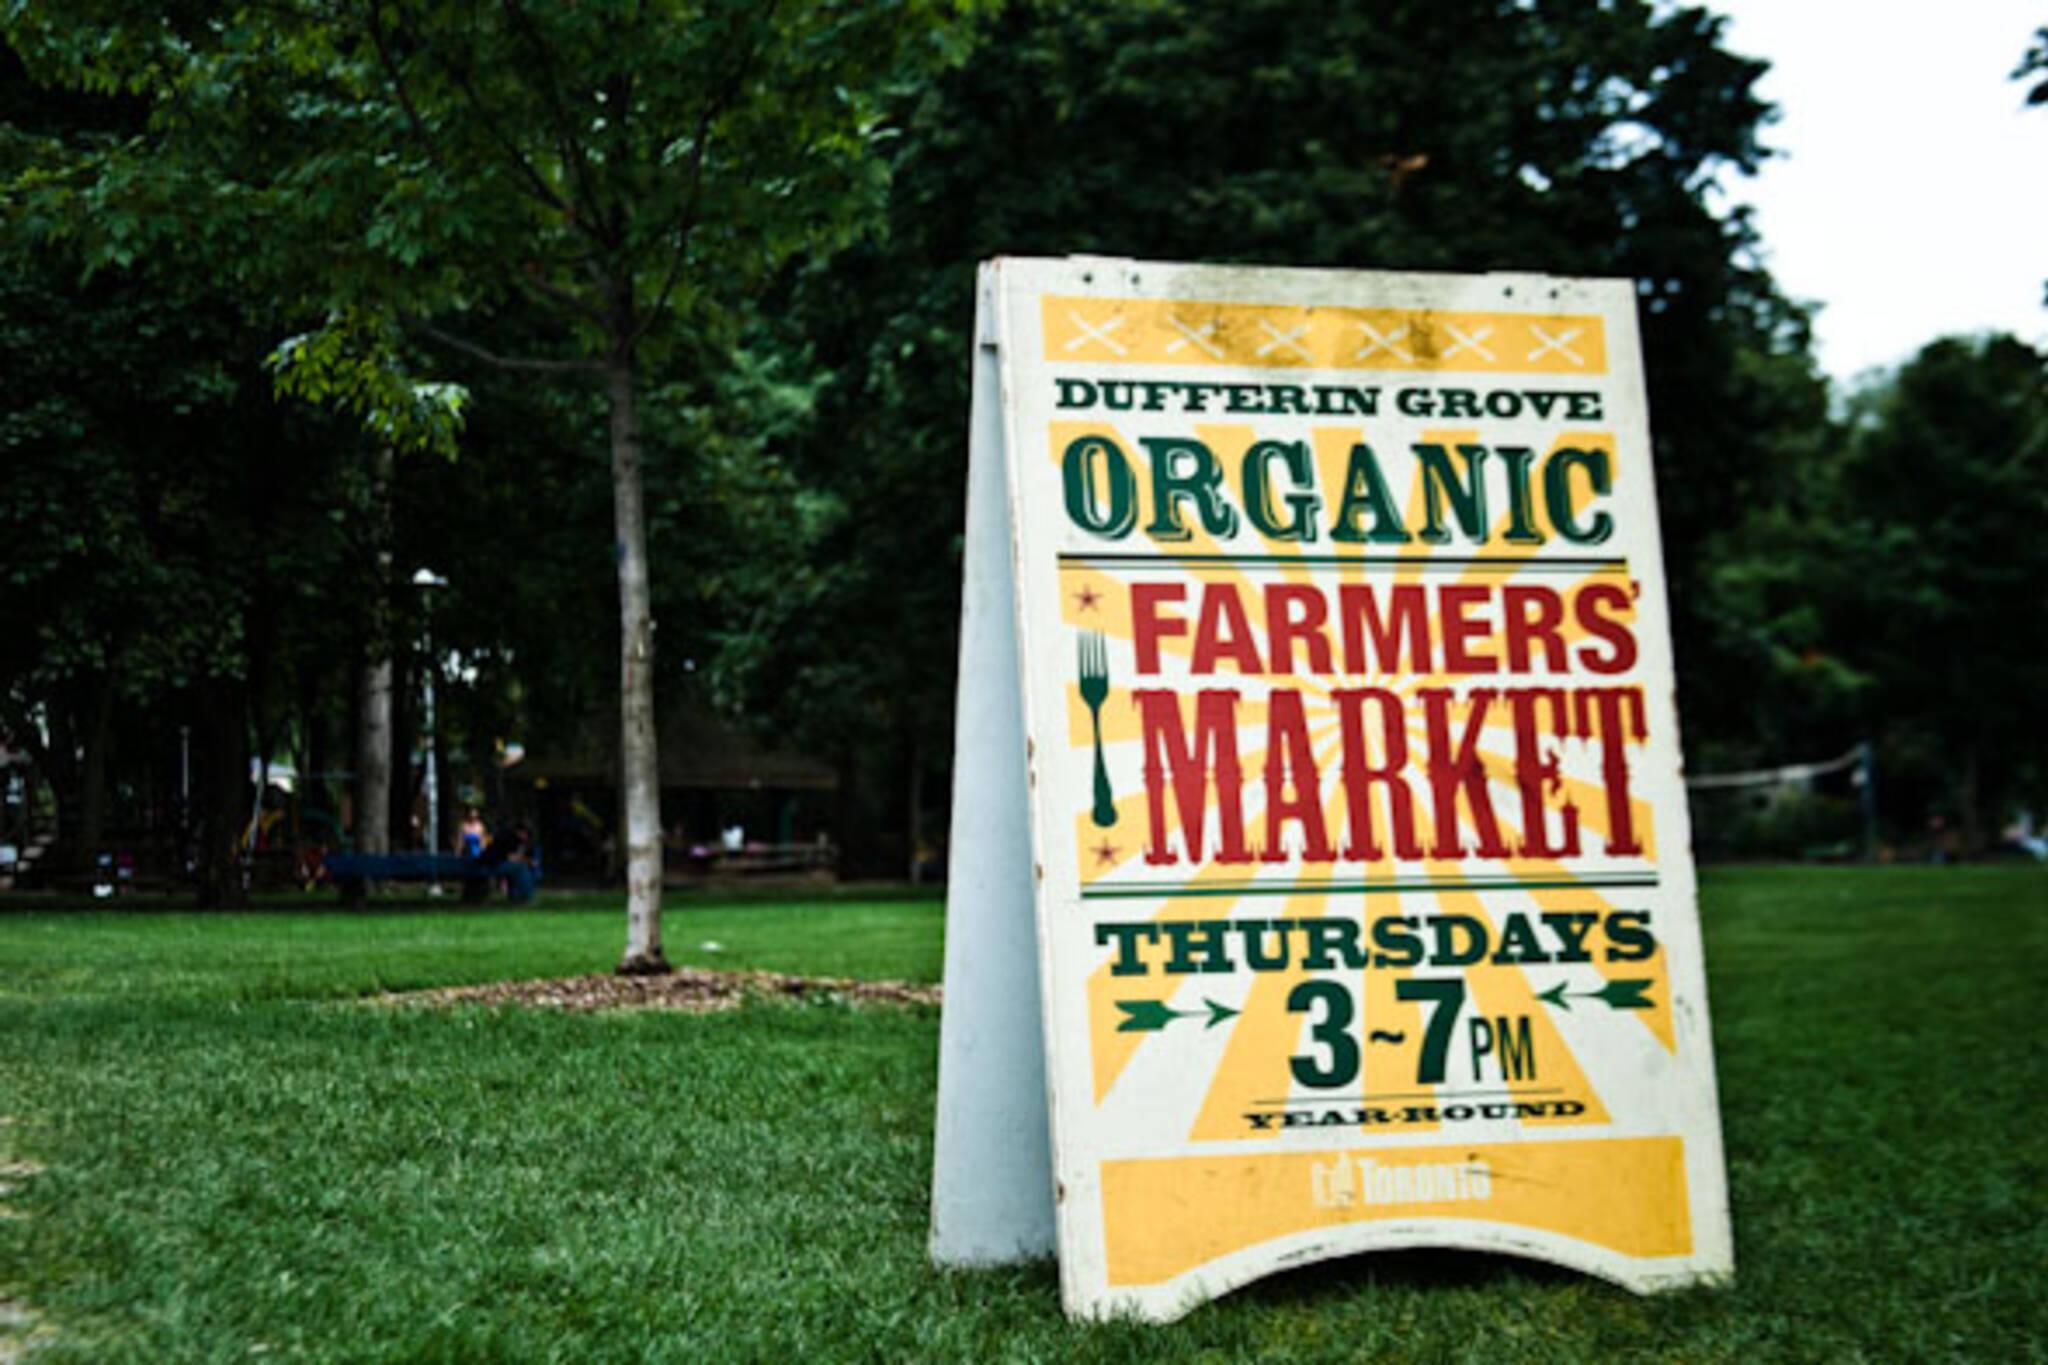 Dufferin Grove Farmers Market